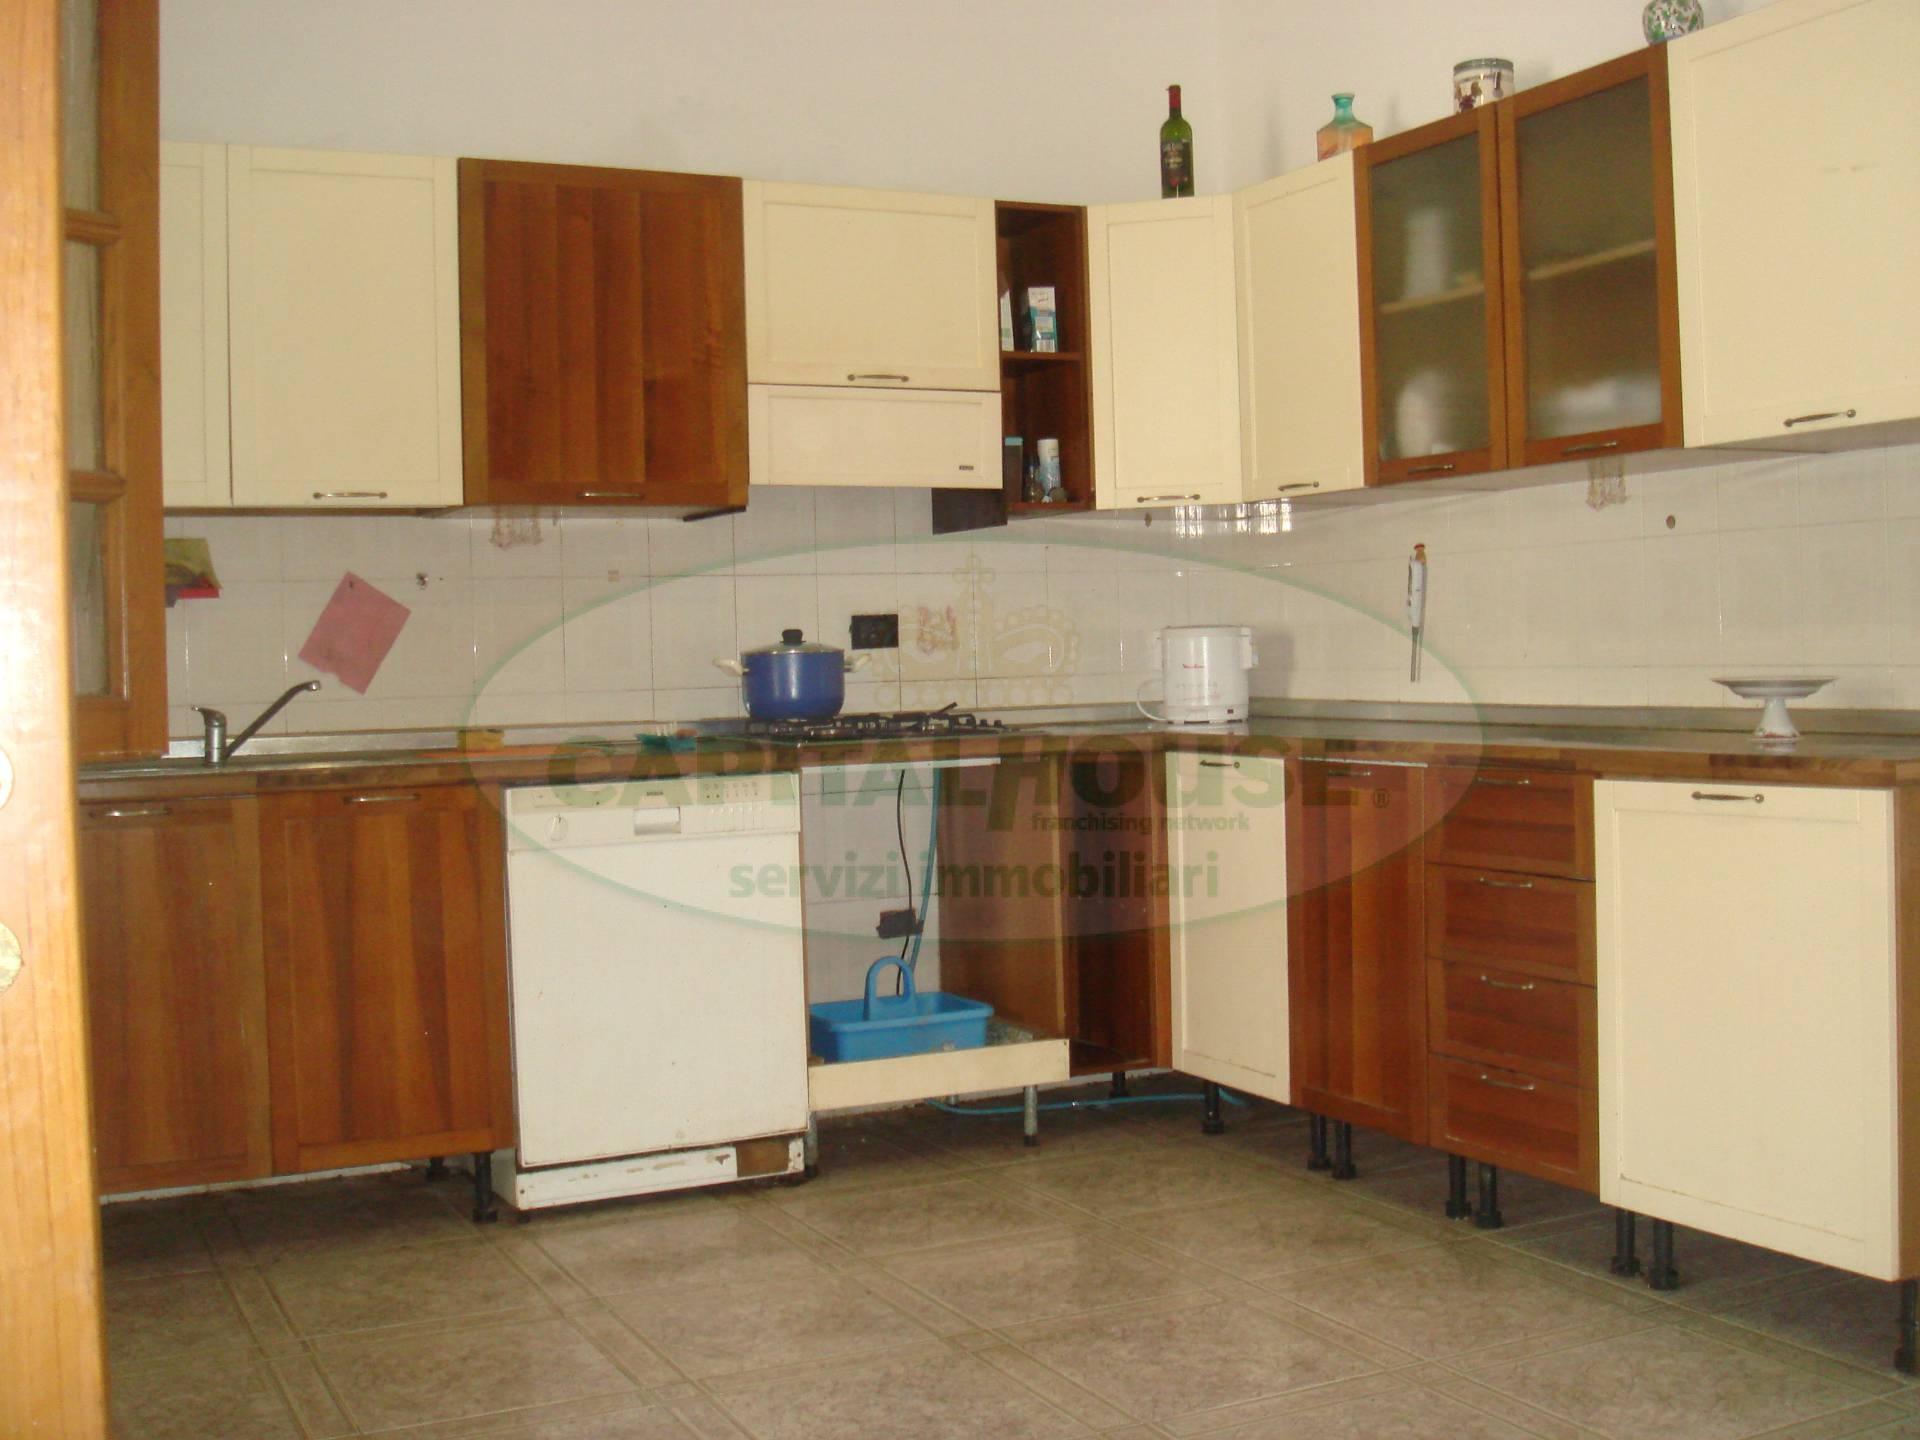 Soluzione Indipendente in vendita a Santa Maria Capua Vetere, 4 locali, zona Località: ZonaAnfiteatro, prezzo € 135.000   Cambio Casa.it